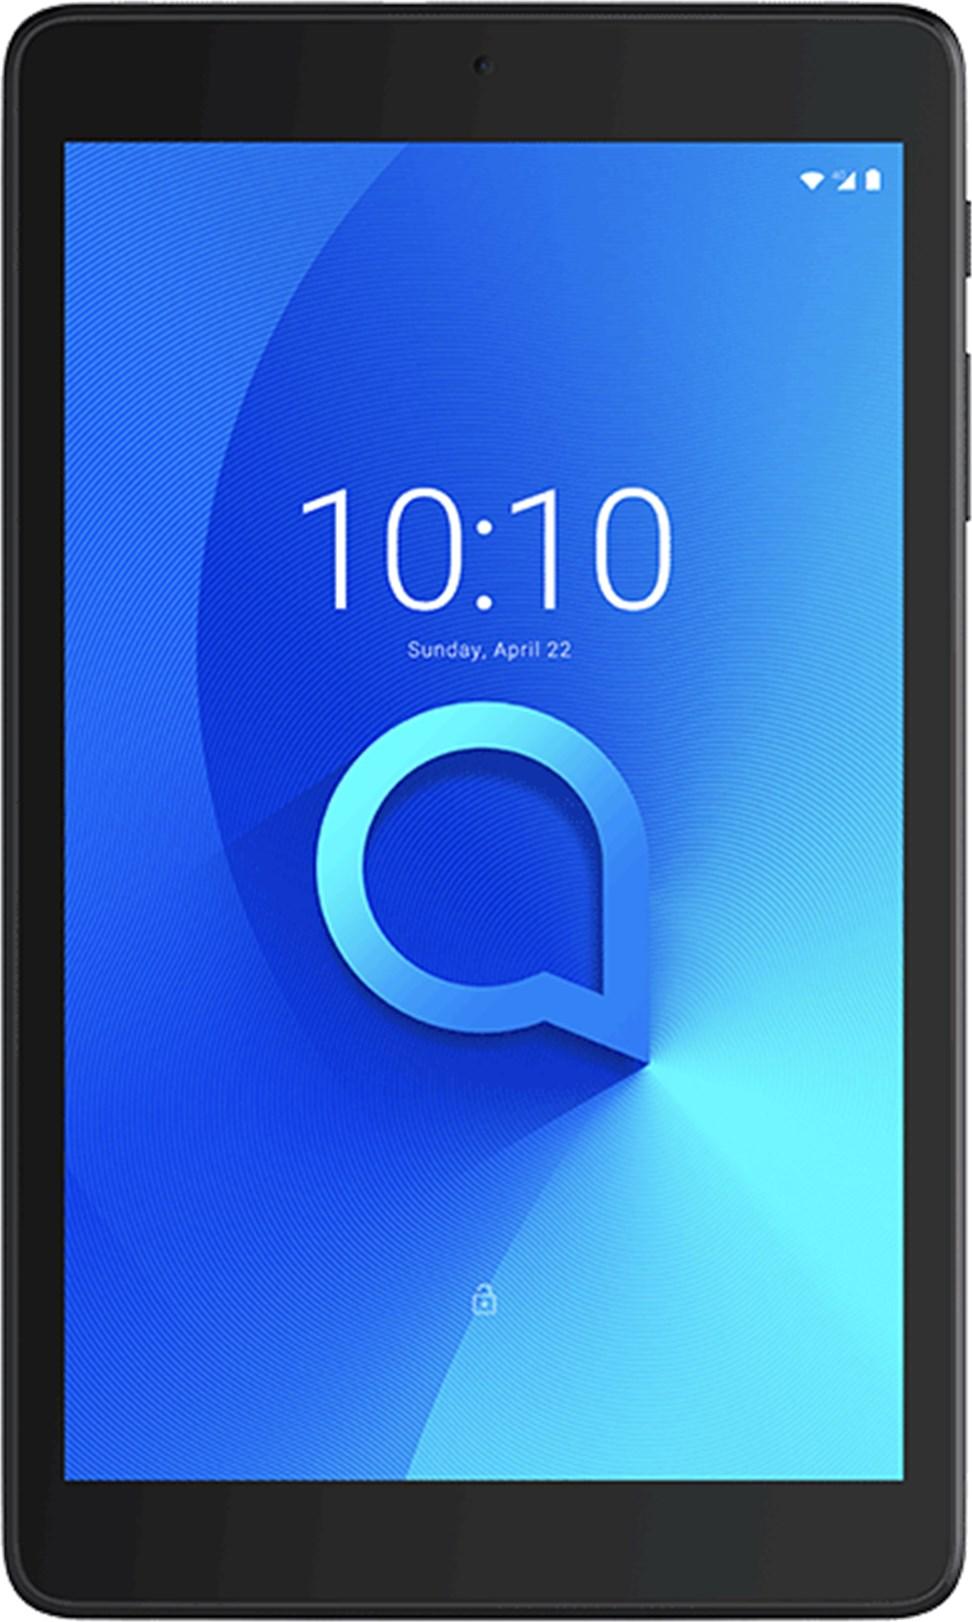 Alcatel Tab 3T8 9027 Wifi+4G Metallic Black